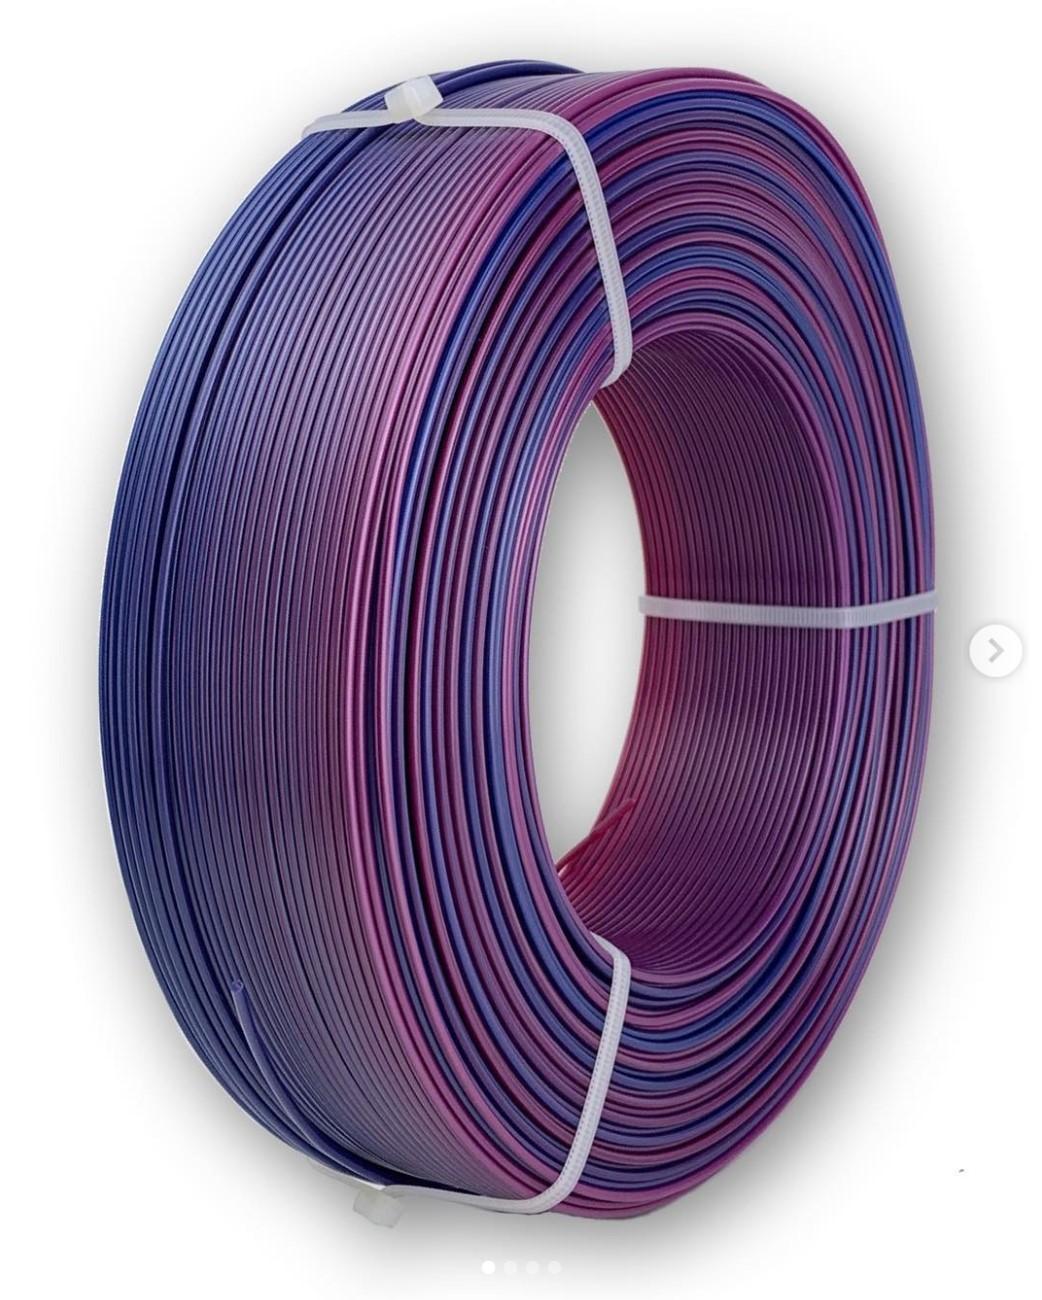 Neue PLA Farbe: Multicolor Galaxy!